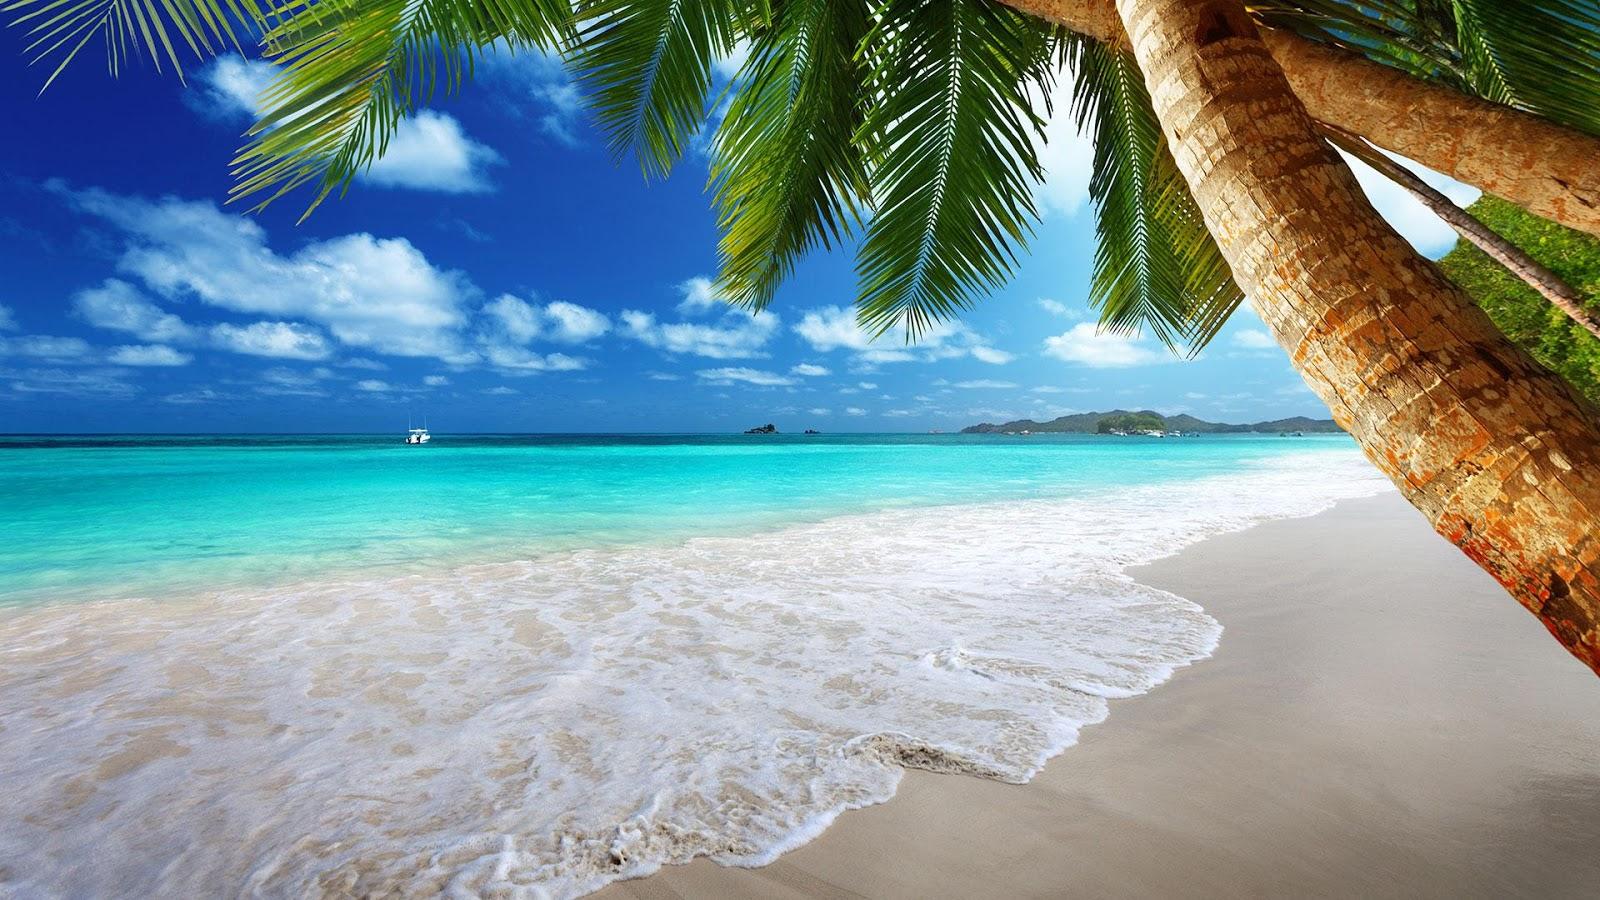 40 Hình ảnh đẹp về bãi biển đại dương xanh ngát mê hồn